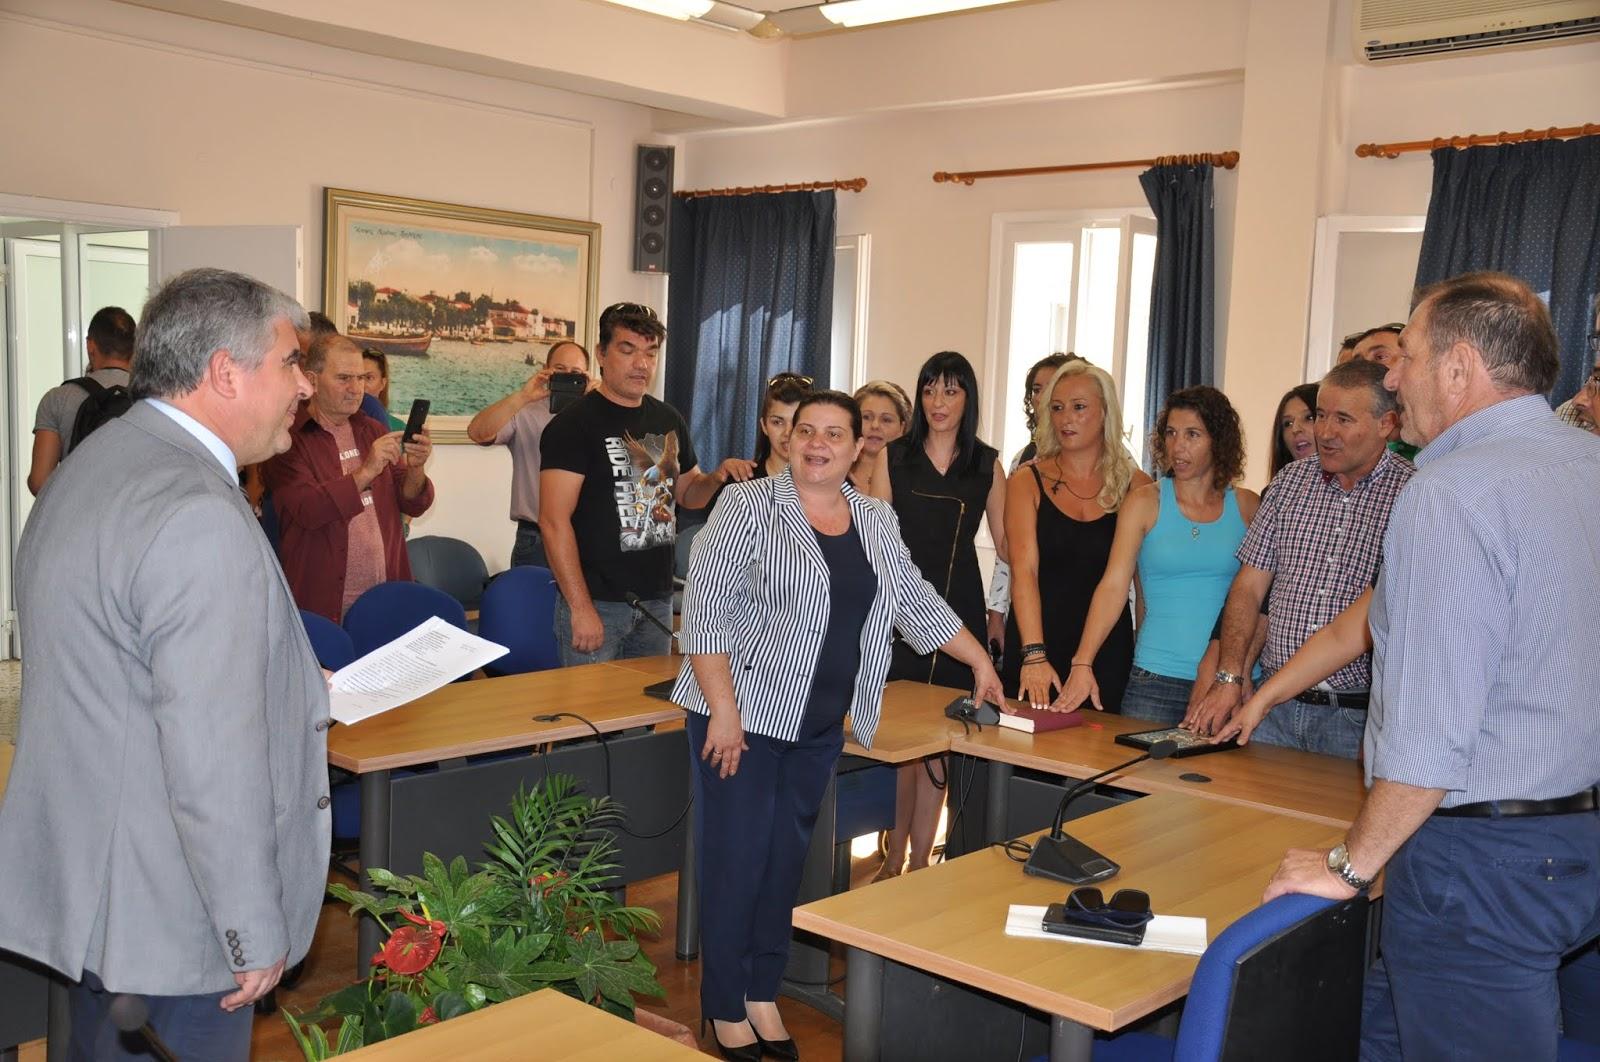 Ορκίστηκαν οι μόνιμοι υπάλληλοι που προσελήφθησαν με την προκήρυξη  3Κ στην Πρέβεζα.